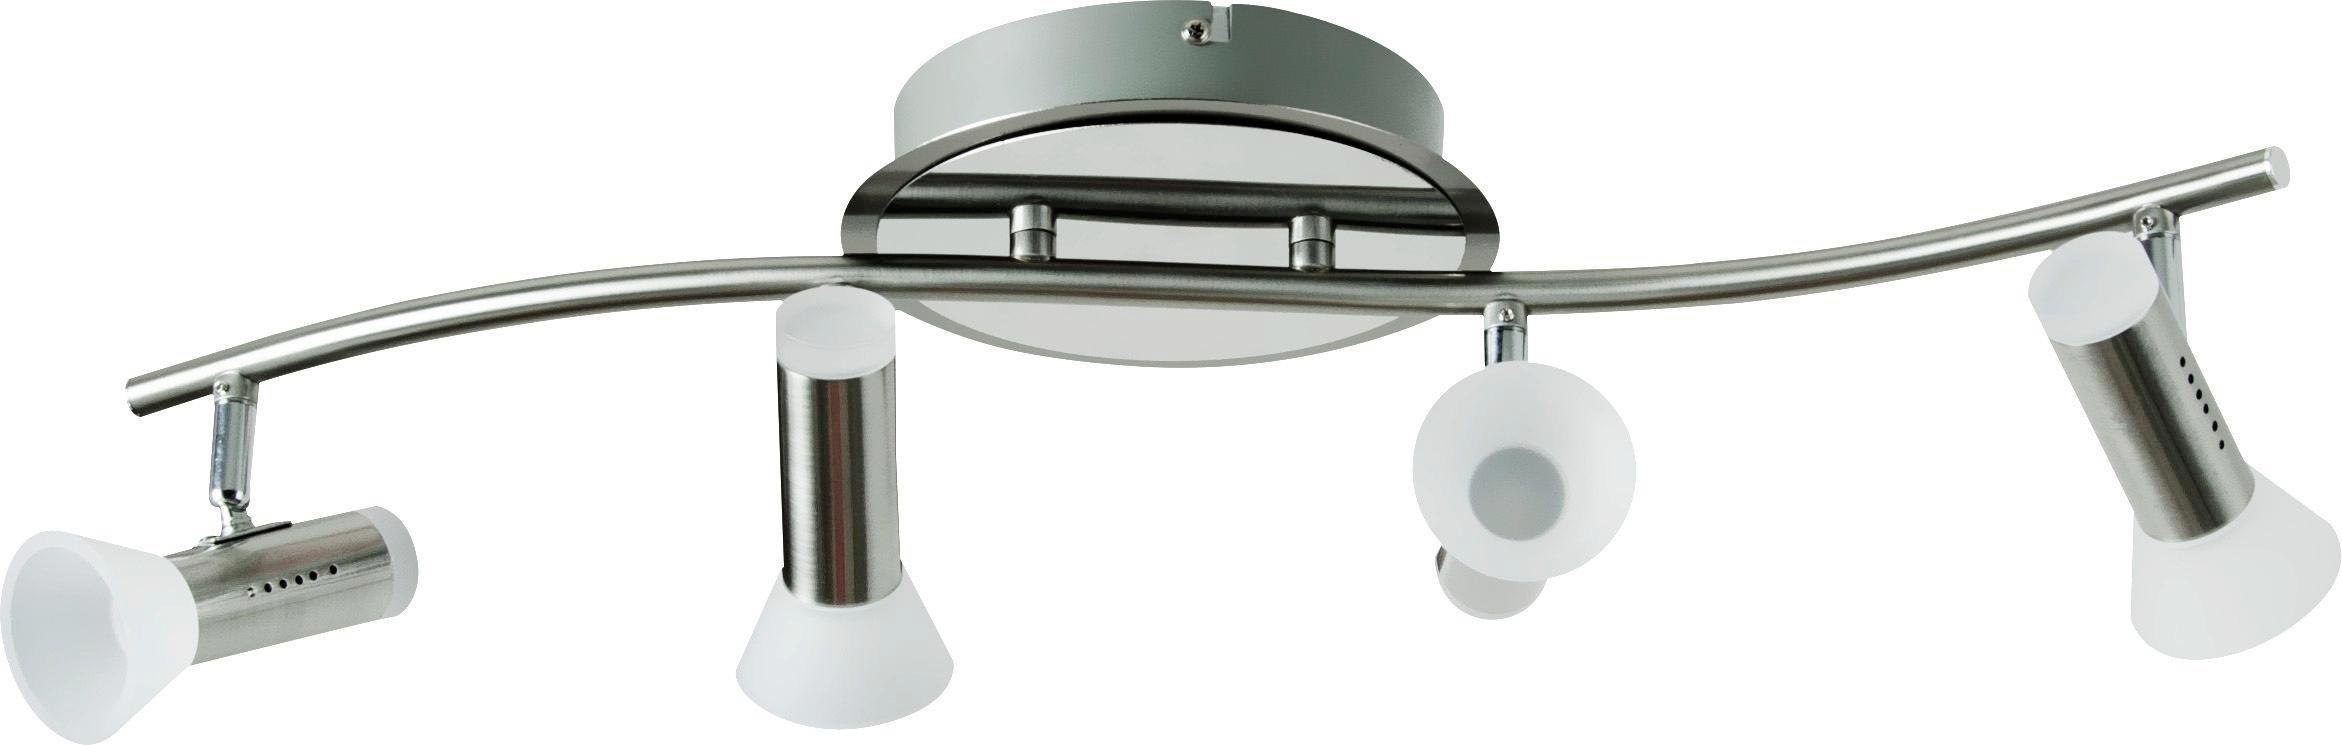 LED-STRAHLER - Design, Kunststoff/Metall (60/15/28cm)